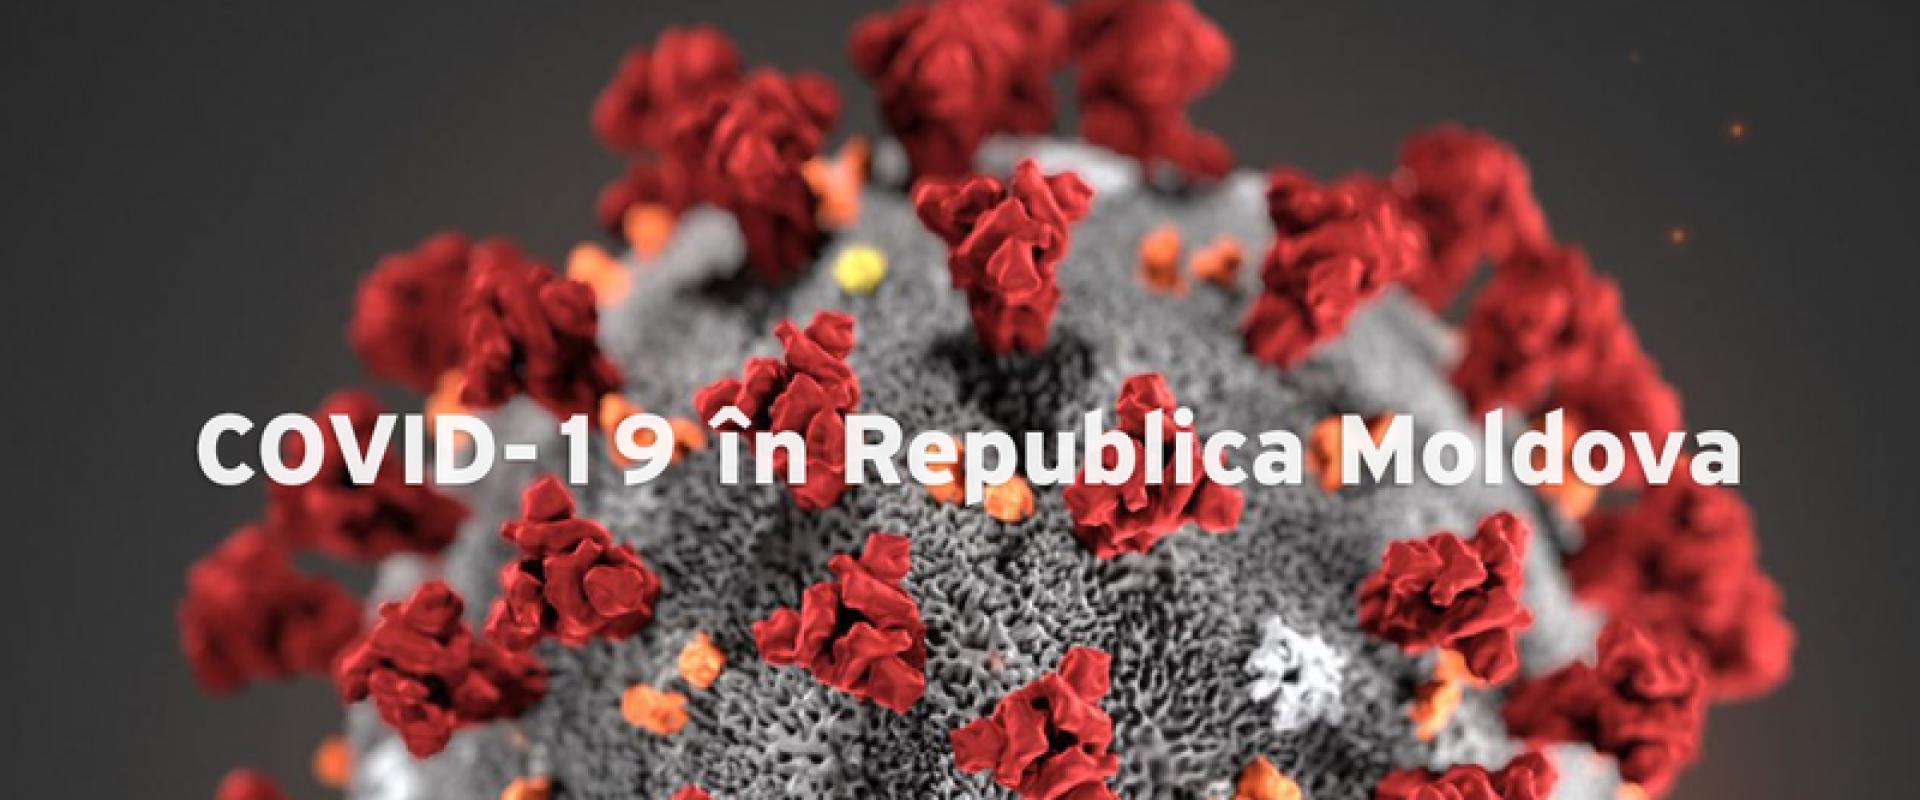 Măsuri privind traversarea frontierei R. Moldova (28.11.2020)